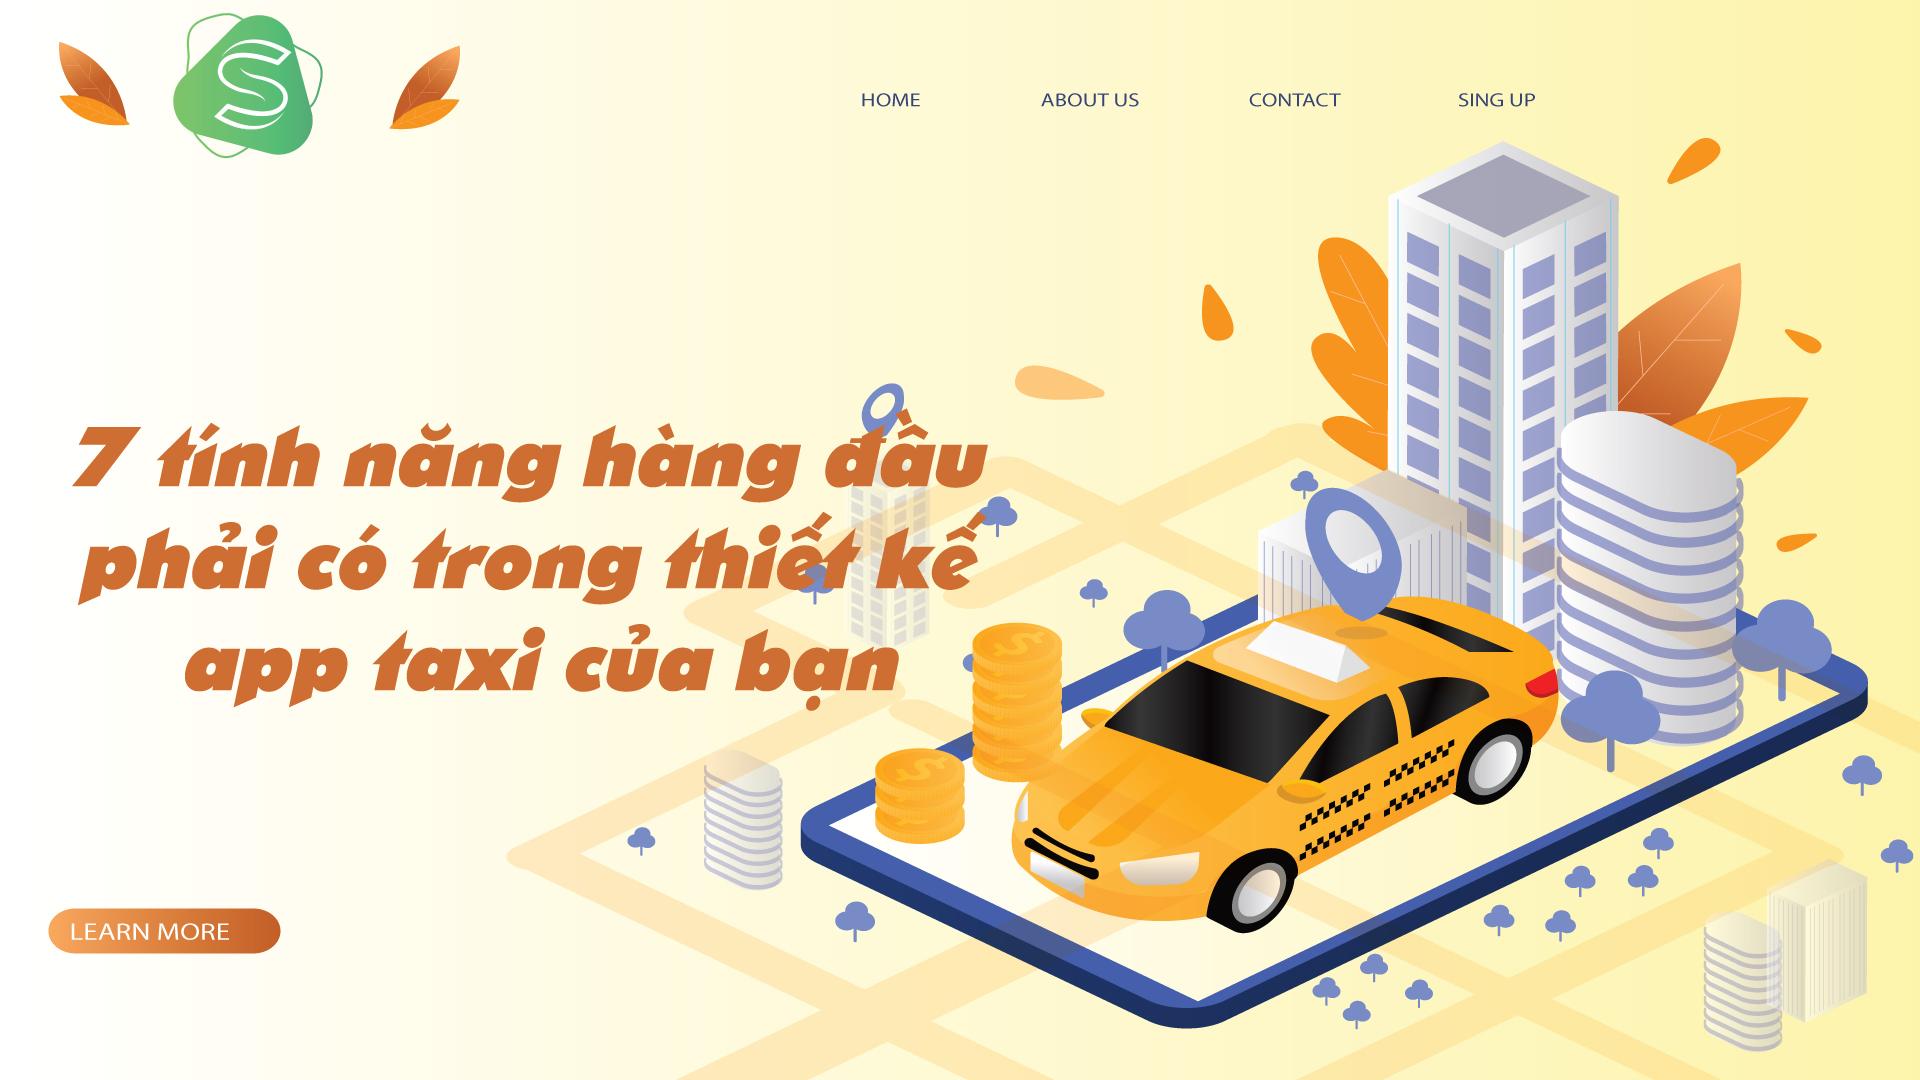 7 tính năng hàng đầu phải có trong thiết kế app taxi của bạn